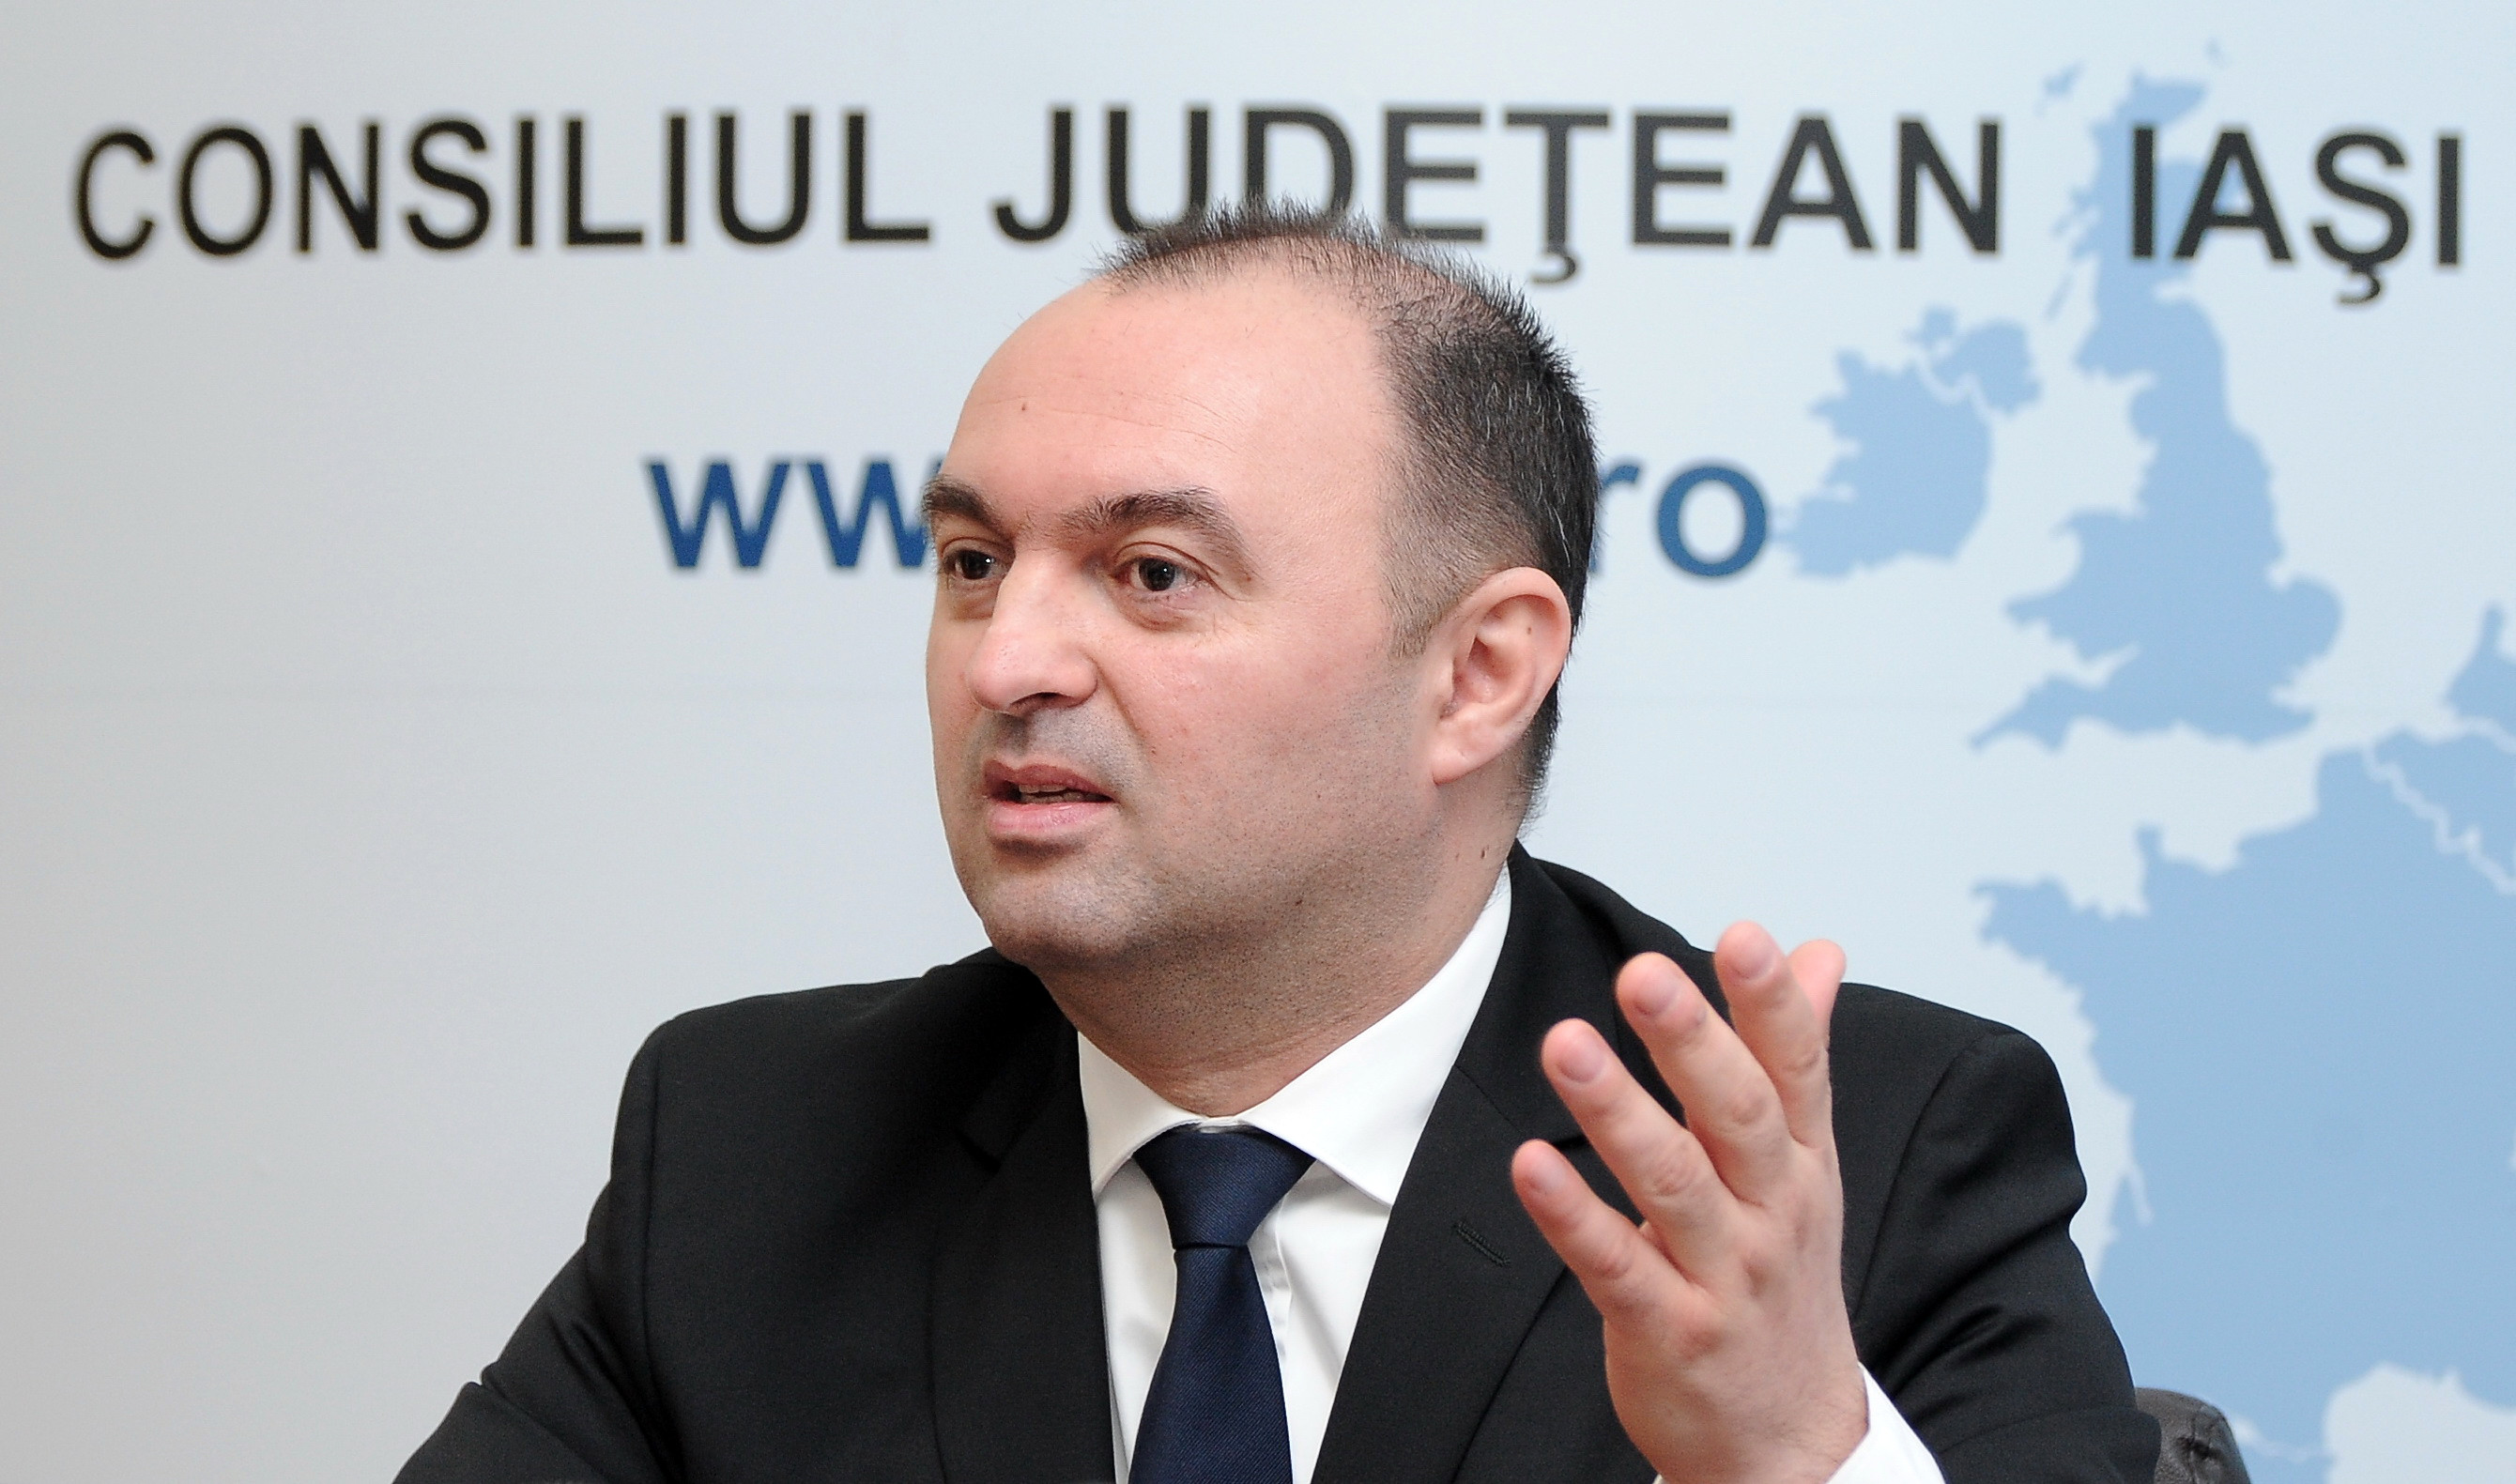 Fostul ministru al Educației, Cristian Adomniţei, condamnat la închisoare în primă instanță